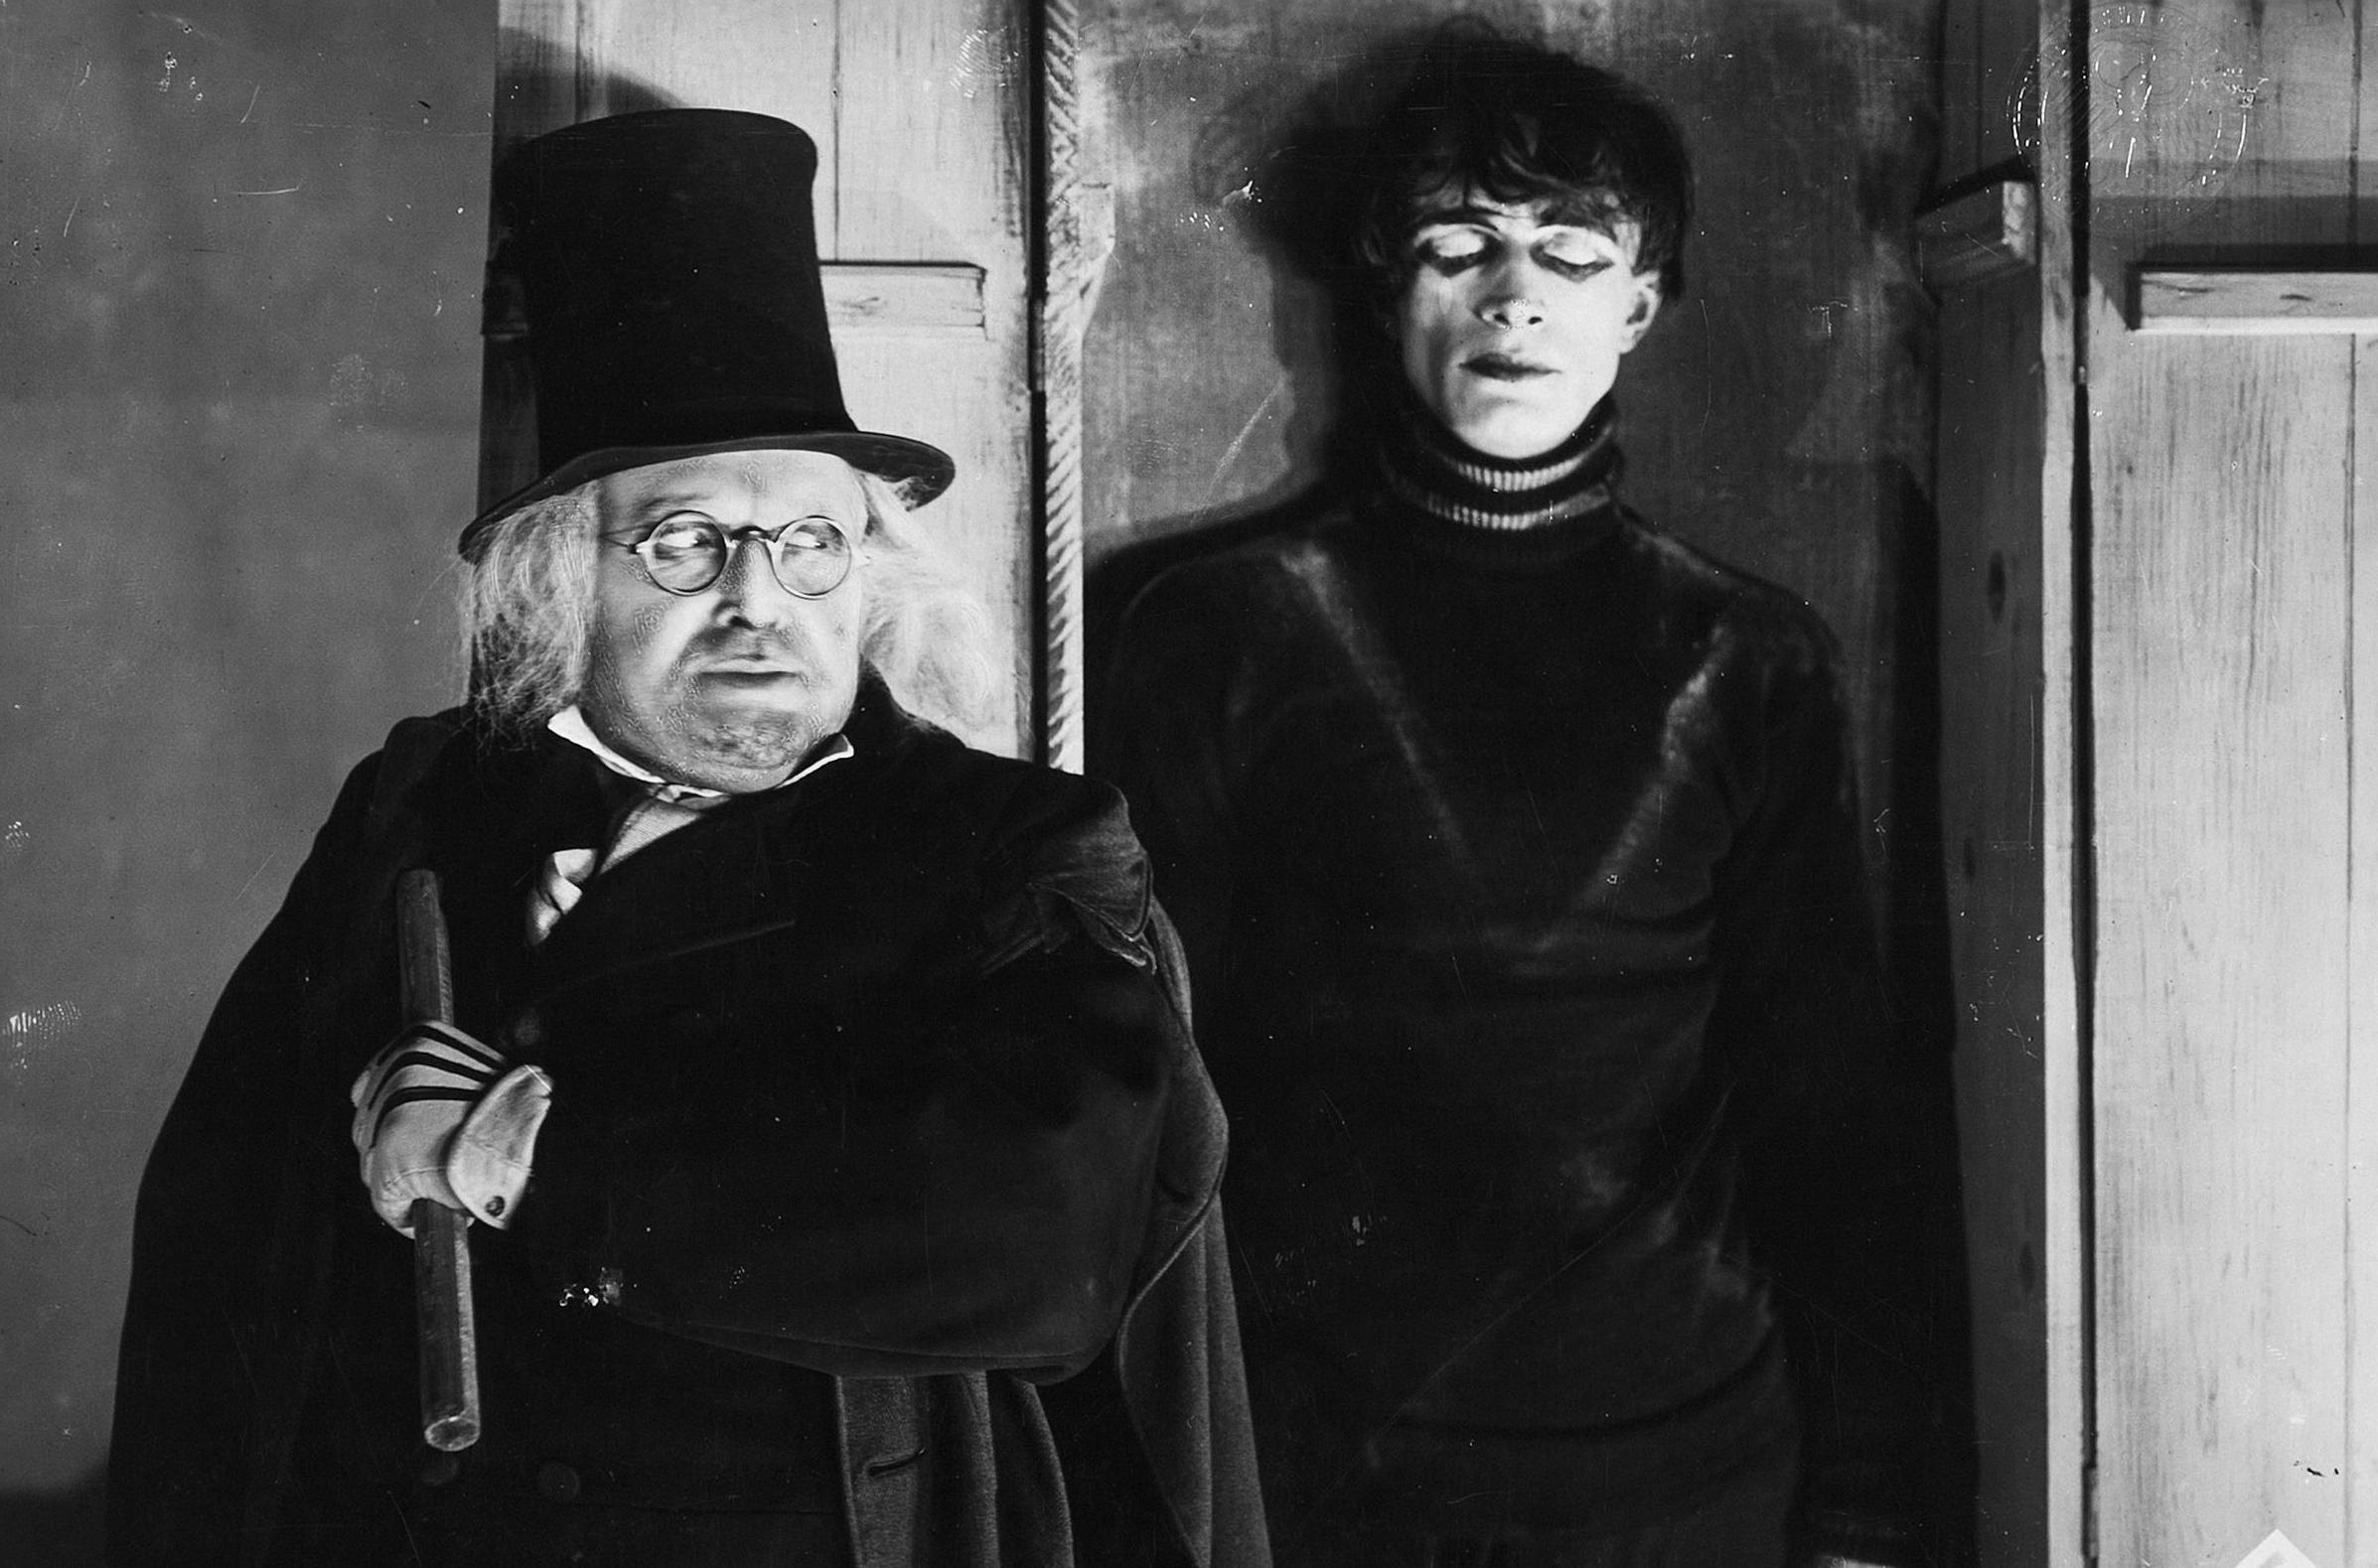 Wiesbadener-Burgfestspiele_Programm_Das-Cabinett-des-dr-Caligari.jpg